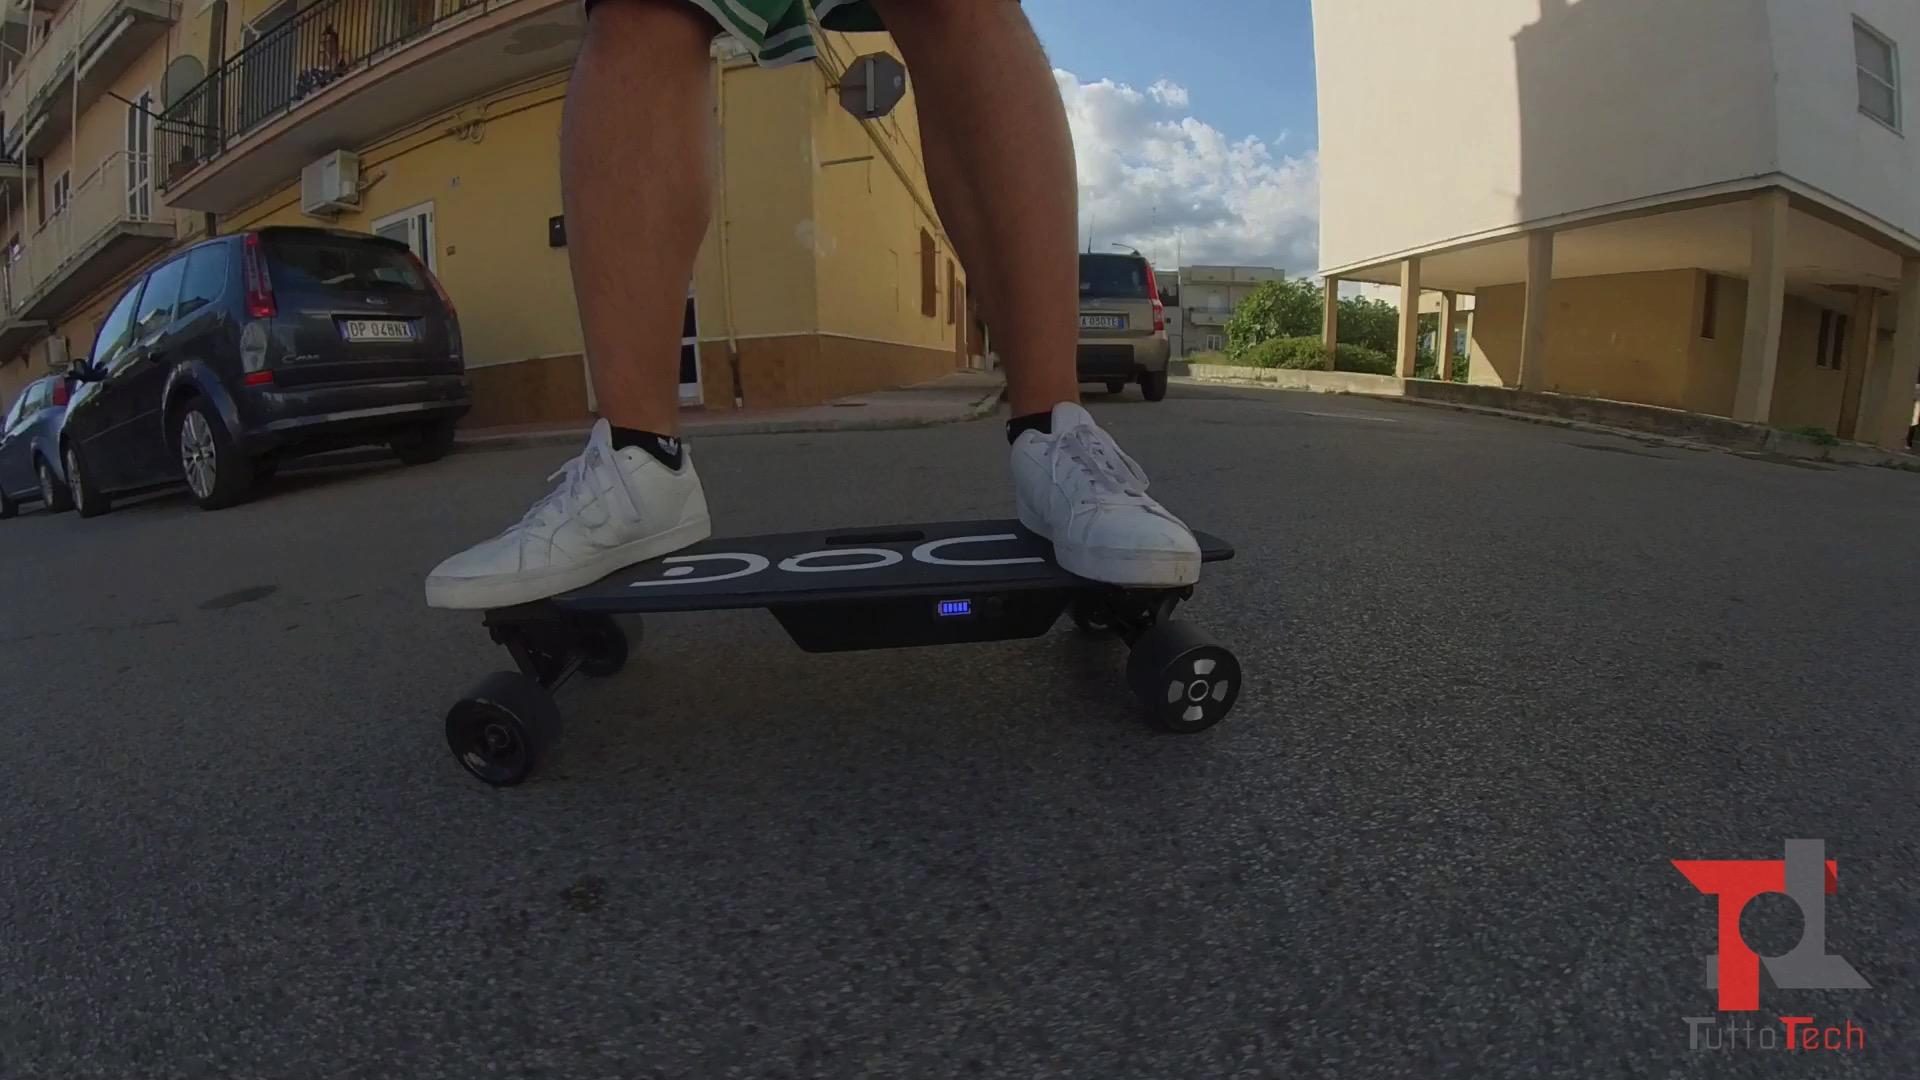 Recensione Nilox Doc Skate Plus: lo skateboard elettrico sempre con sé 4